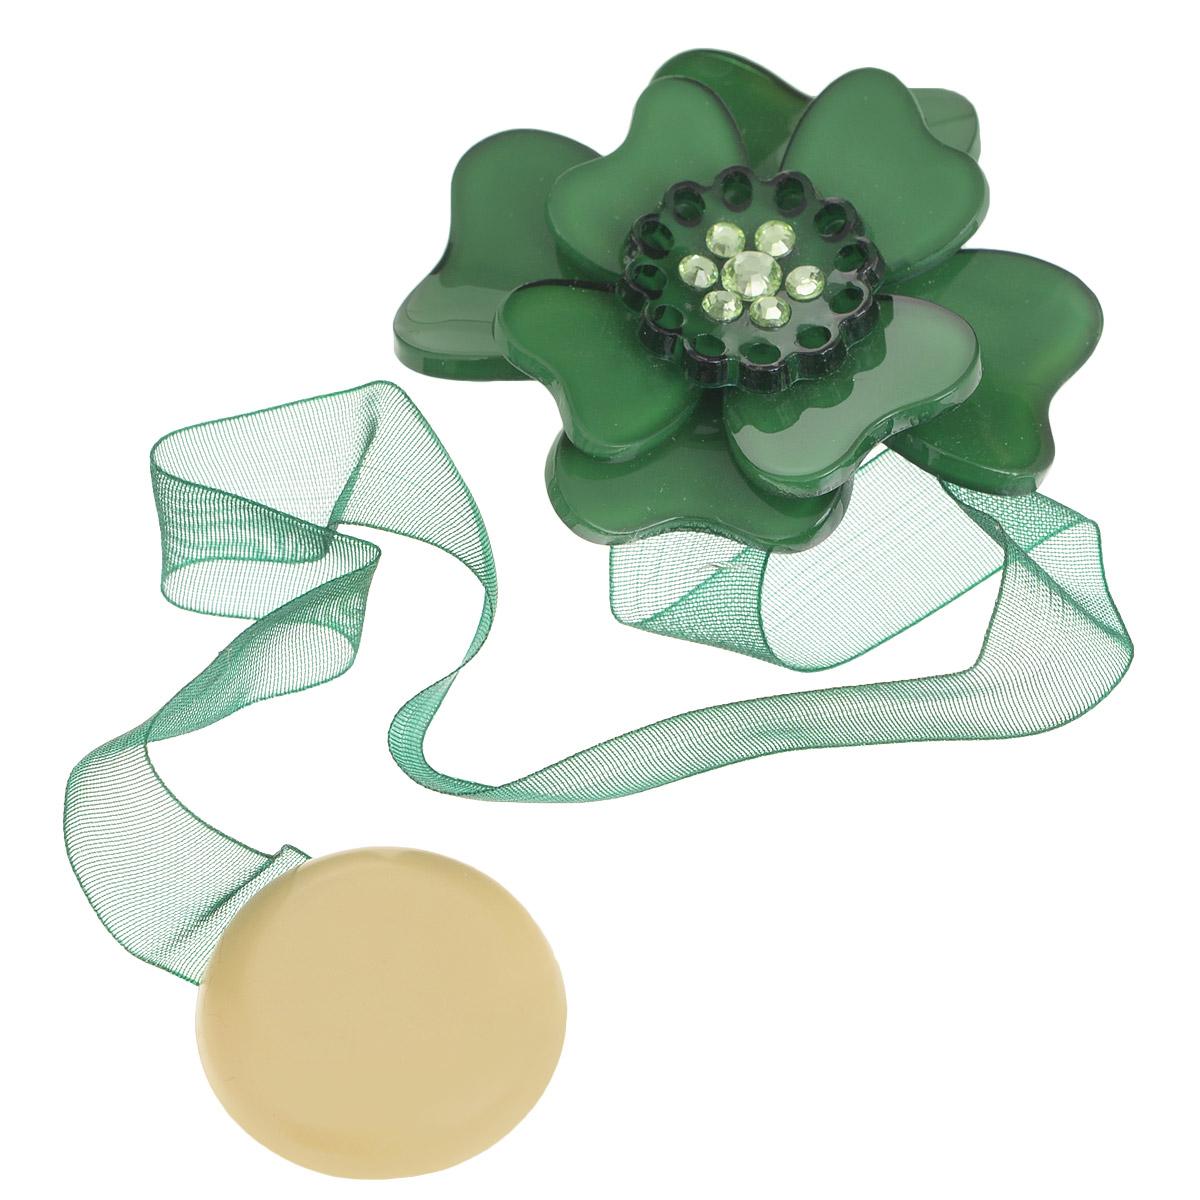 Клипса-магнит для штор Calamita Fiore, цвет: бутылочный. 7704008_630790009Клипса-магнит Calamita Fiore, изготовленная из пластика и текстиля, предназначена для придания формы шторам. Изделие представляет собой два магнита, расположенные на разных концах текстильной ленты. Один из магнитов оформлен декоративным цветком и украшен стразами. С помощью такой магнитной клипсы можно зафиксировать портьеры, придать им требуемое положение, сделать складки симметричными или приблизить портьеры, скрепить их. Клипсы для штор являются универсальным изделием, которое превосходно подойдет как для штор в детской комнате, так и для штор в гостиной. Следует отметить, что клипсы для штор выполняют не только практическую функцию, но также являются одной из основных деталей декора этого изделия, которая придает шторам восхитительный, стильный внешний вид. Материал: пластик, полиэстер, магнит.Диаметр декоративного цветка: 5 см.Диаметр магнита: 2,5 см.Длина ленты: 28 см.